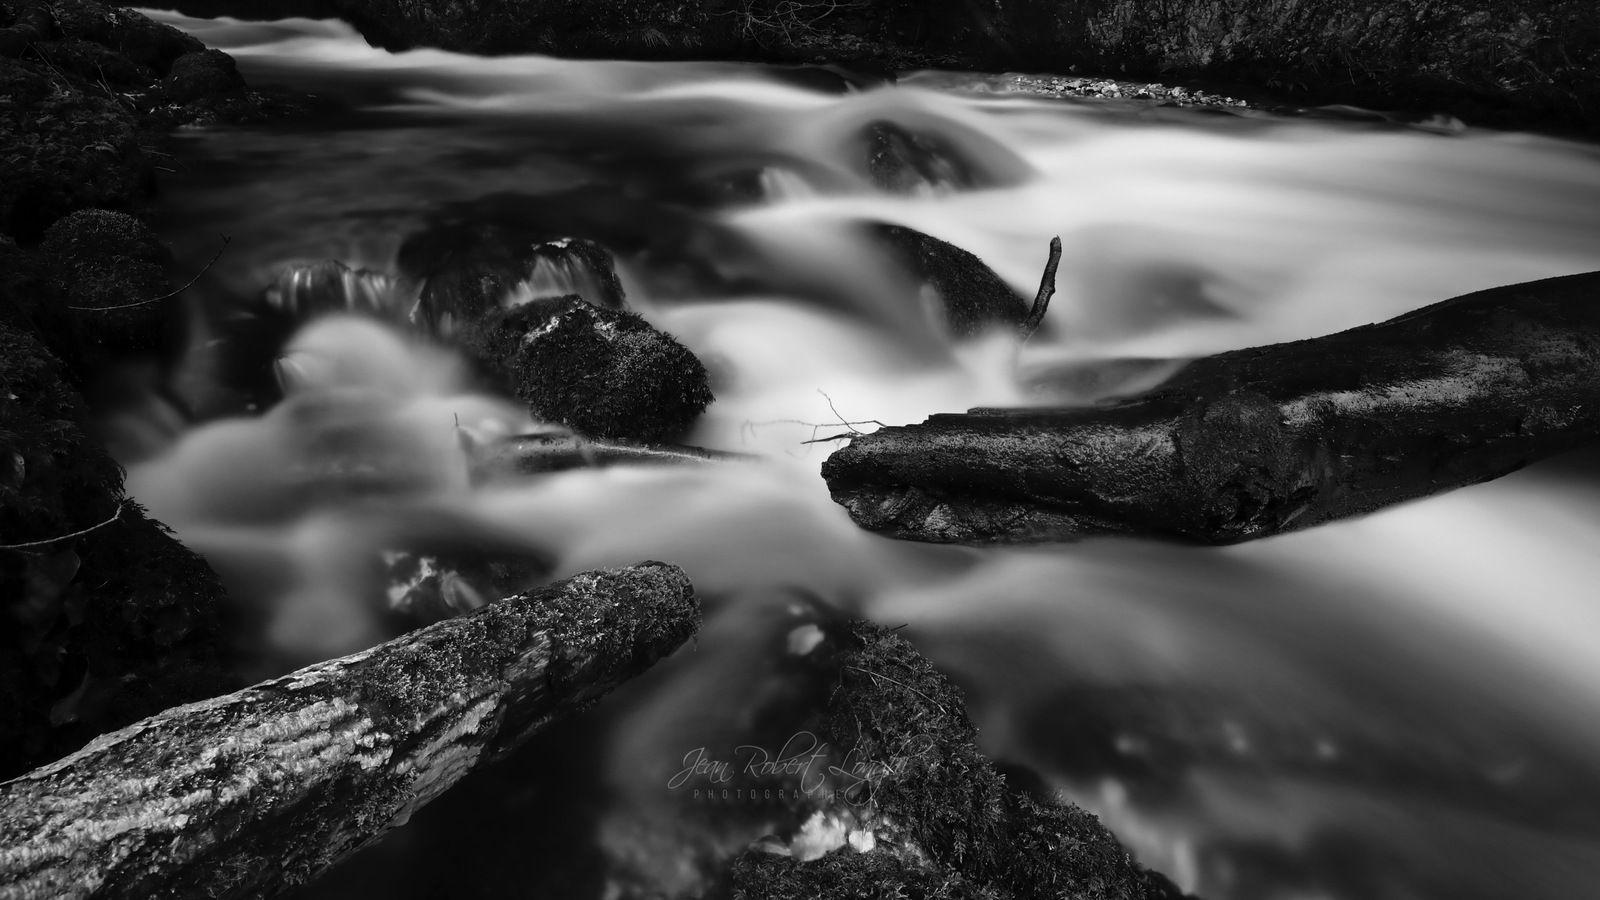 Pontet, tumulte et sérénité - 7 - ©2020 Jean-Robert Longhi Photographie non libre de droits